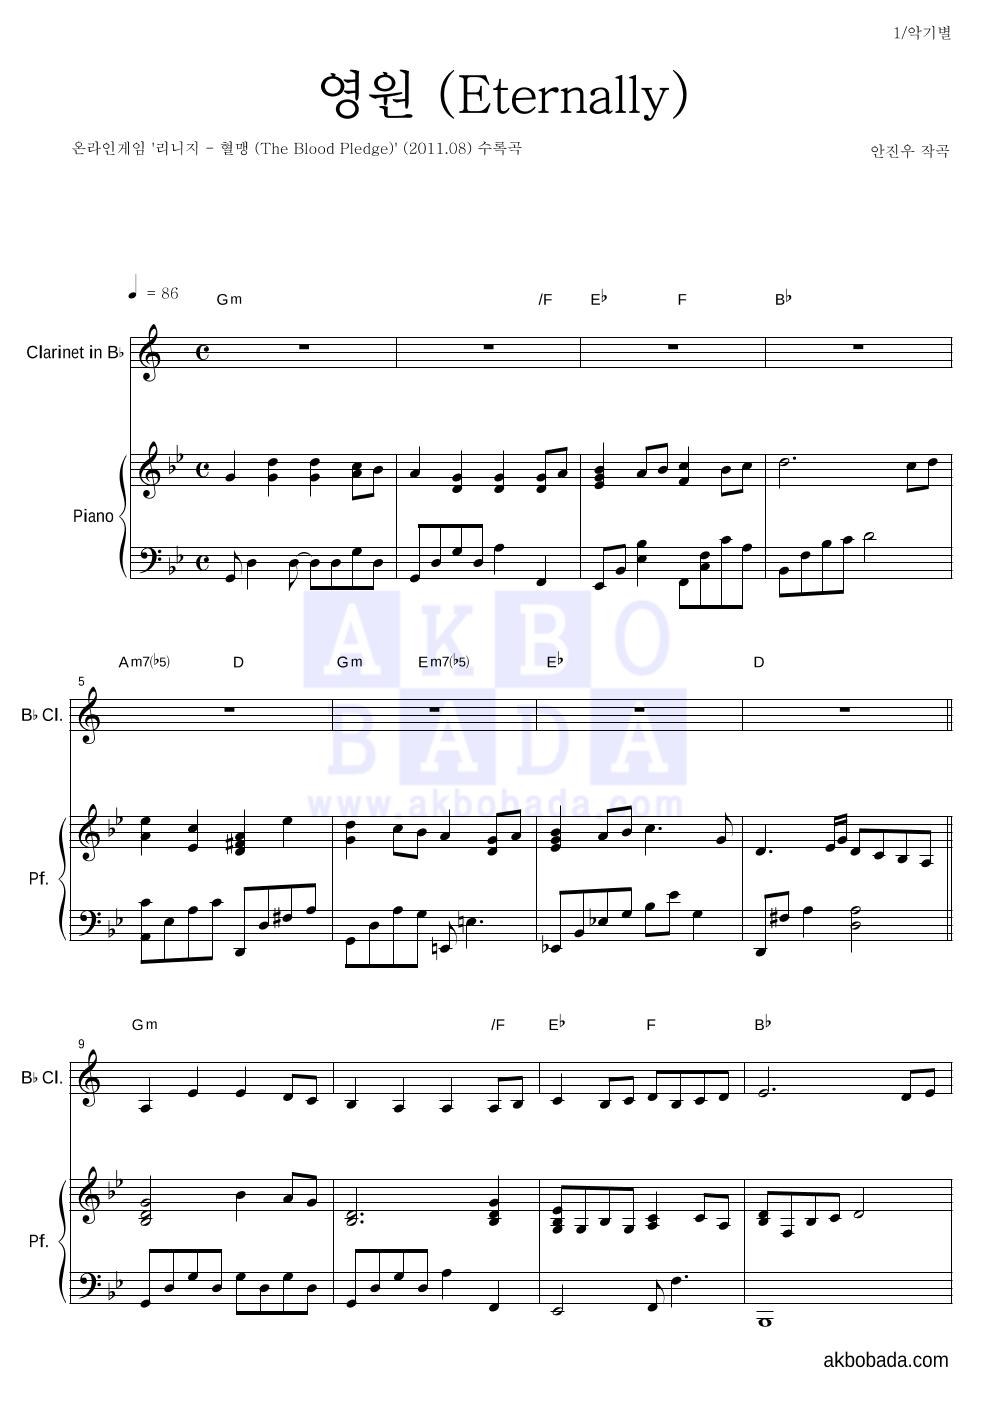 리니지 OST - 영원 (Eternally) 클라리넷&피아노 악보